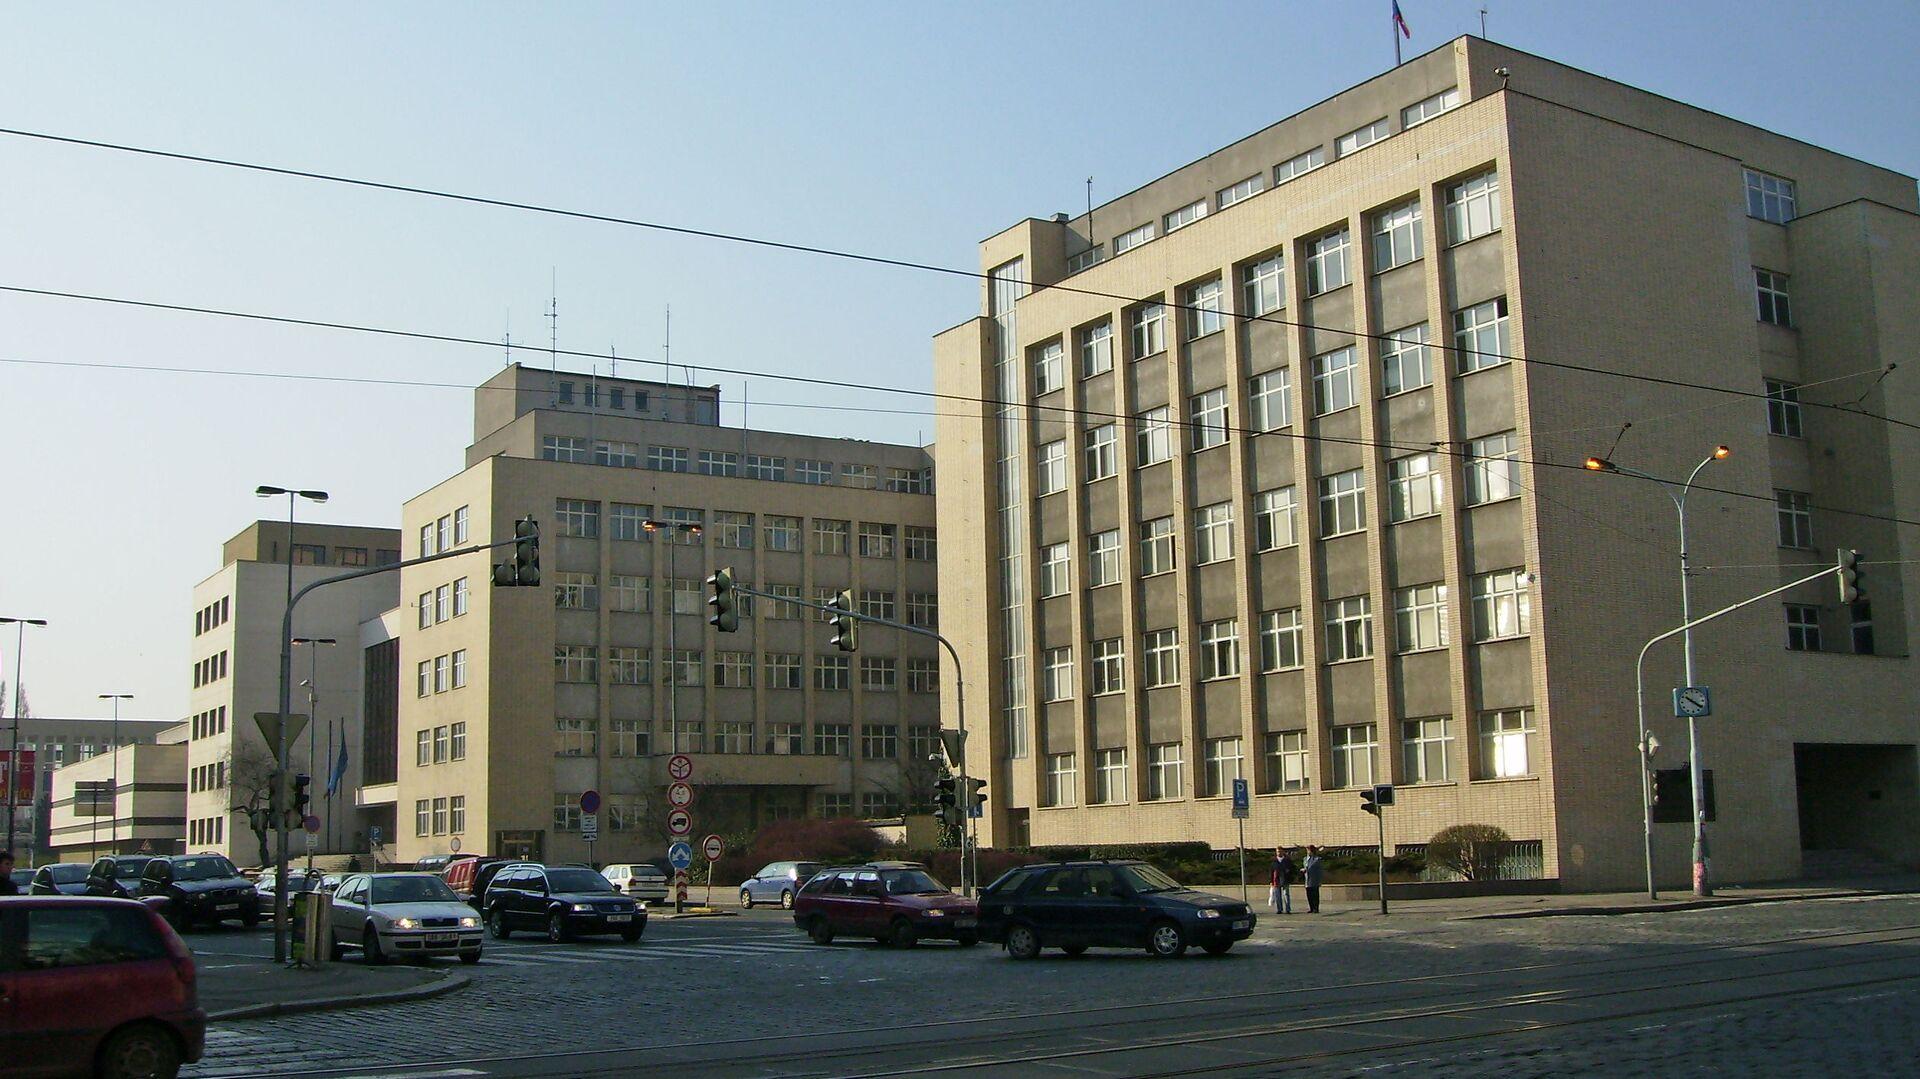 Ministerstvo vnitra ČR - Sputnik Česká republika, 1920, 21.06.2021